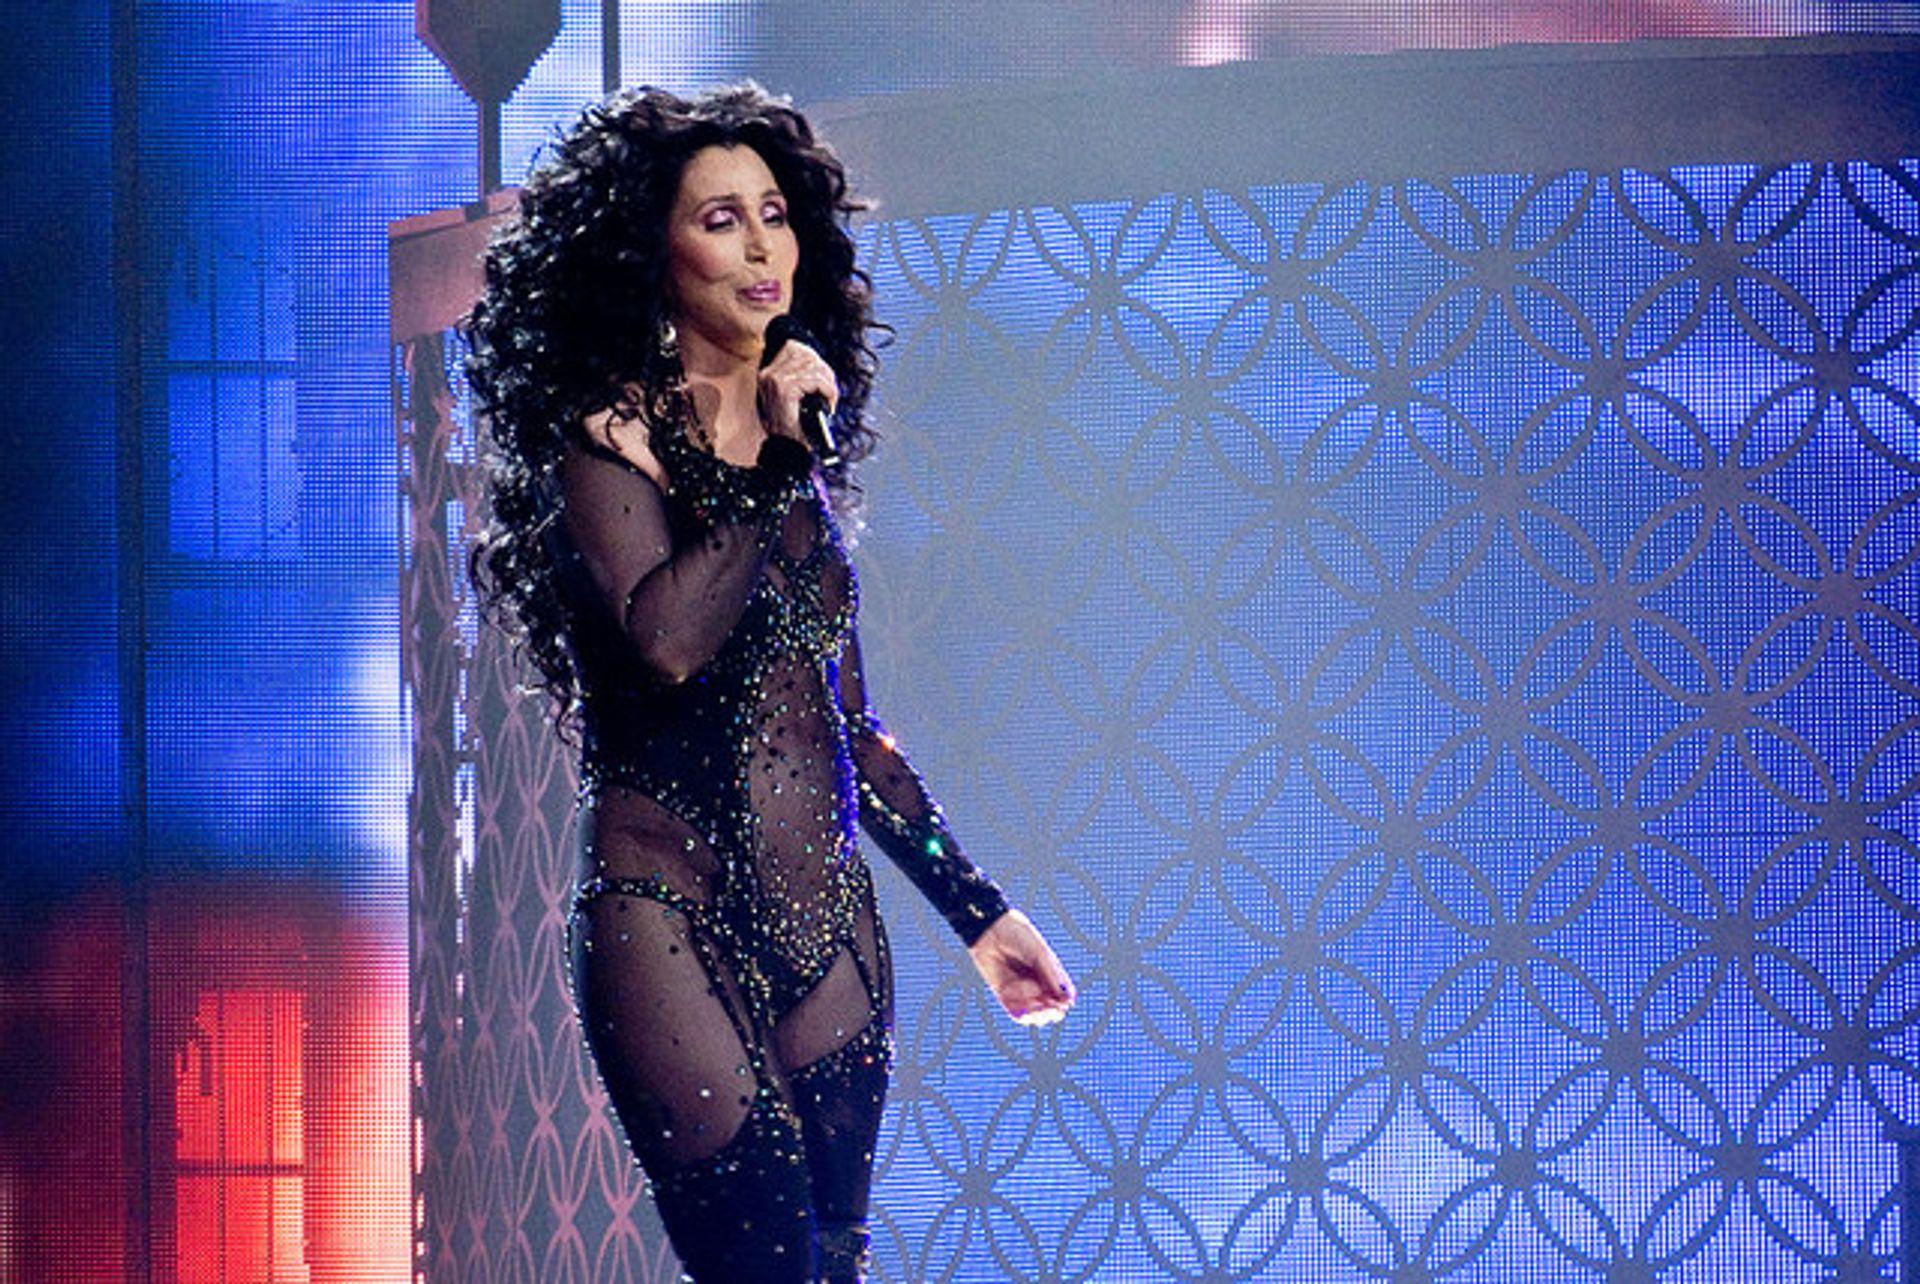 Cher (2014) courtesy David Carroll (flickr)